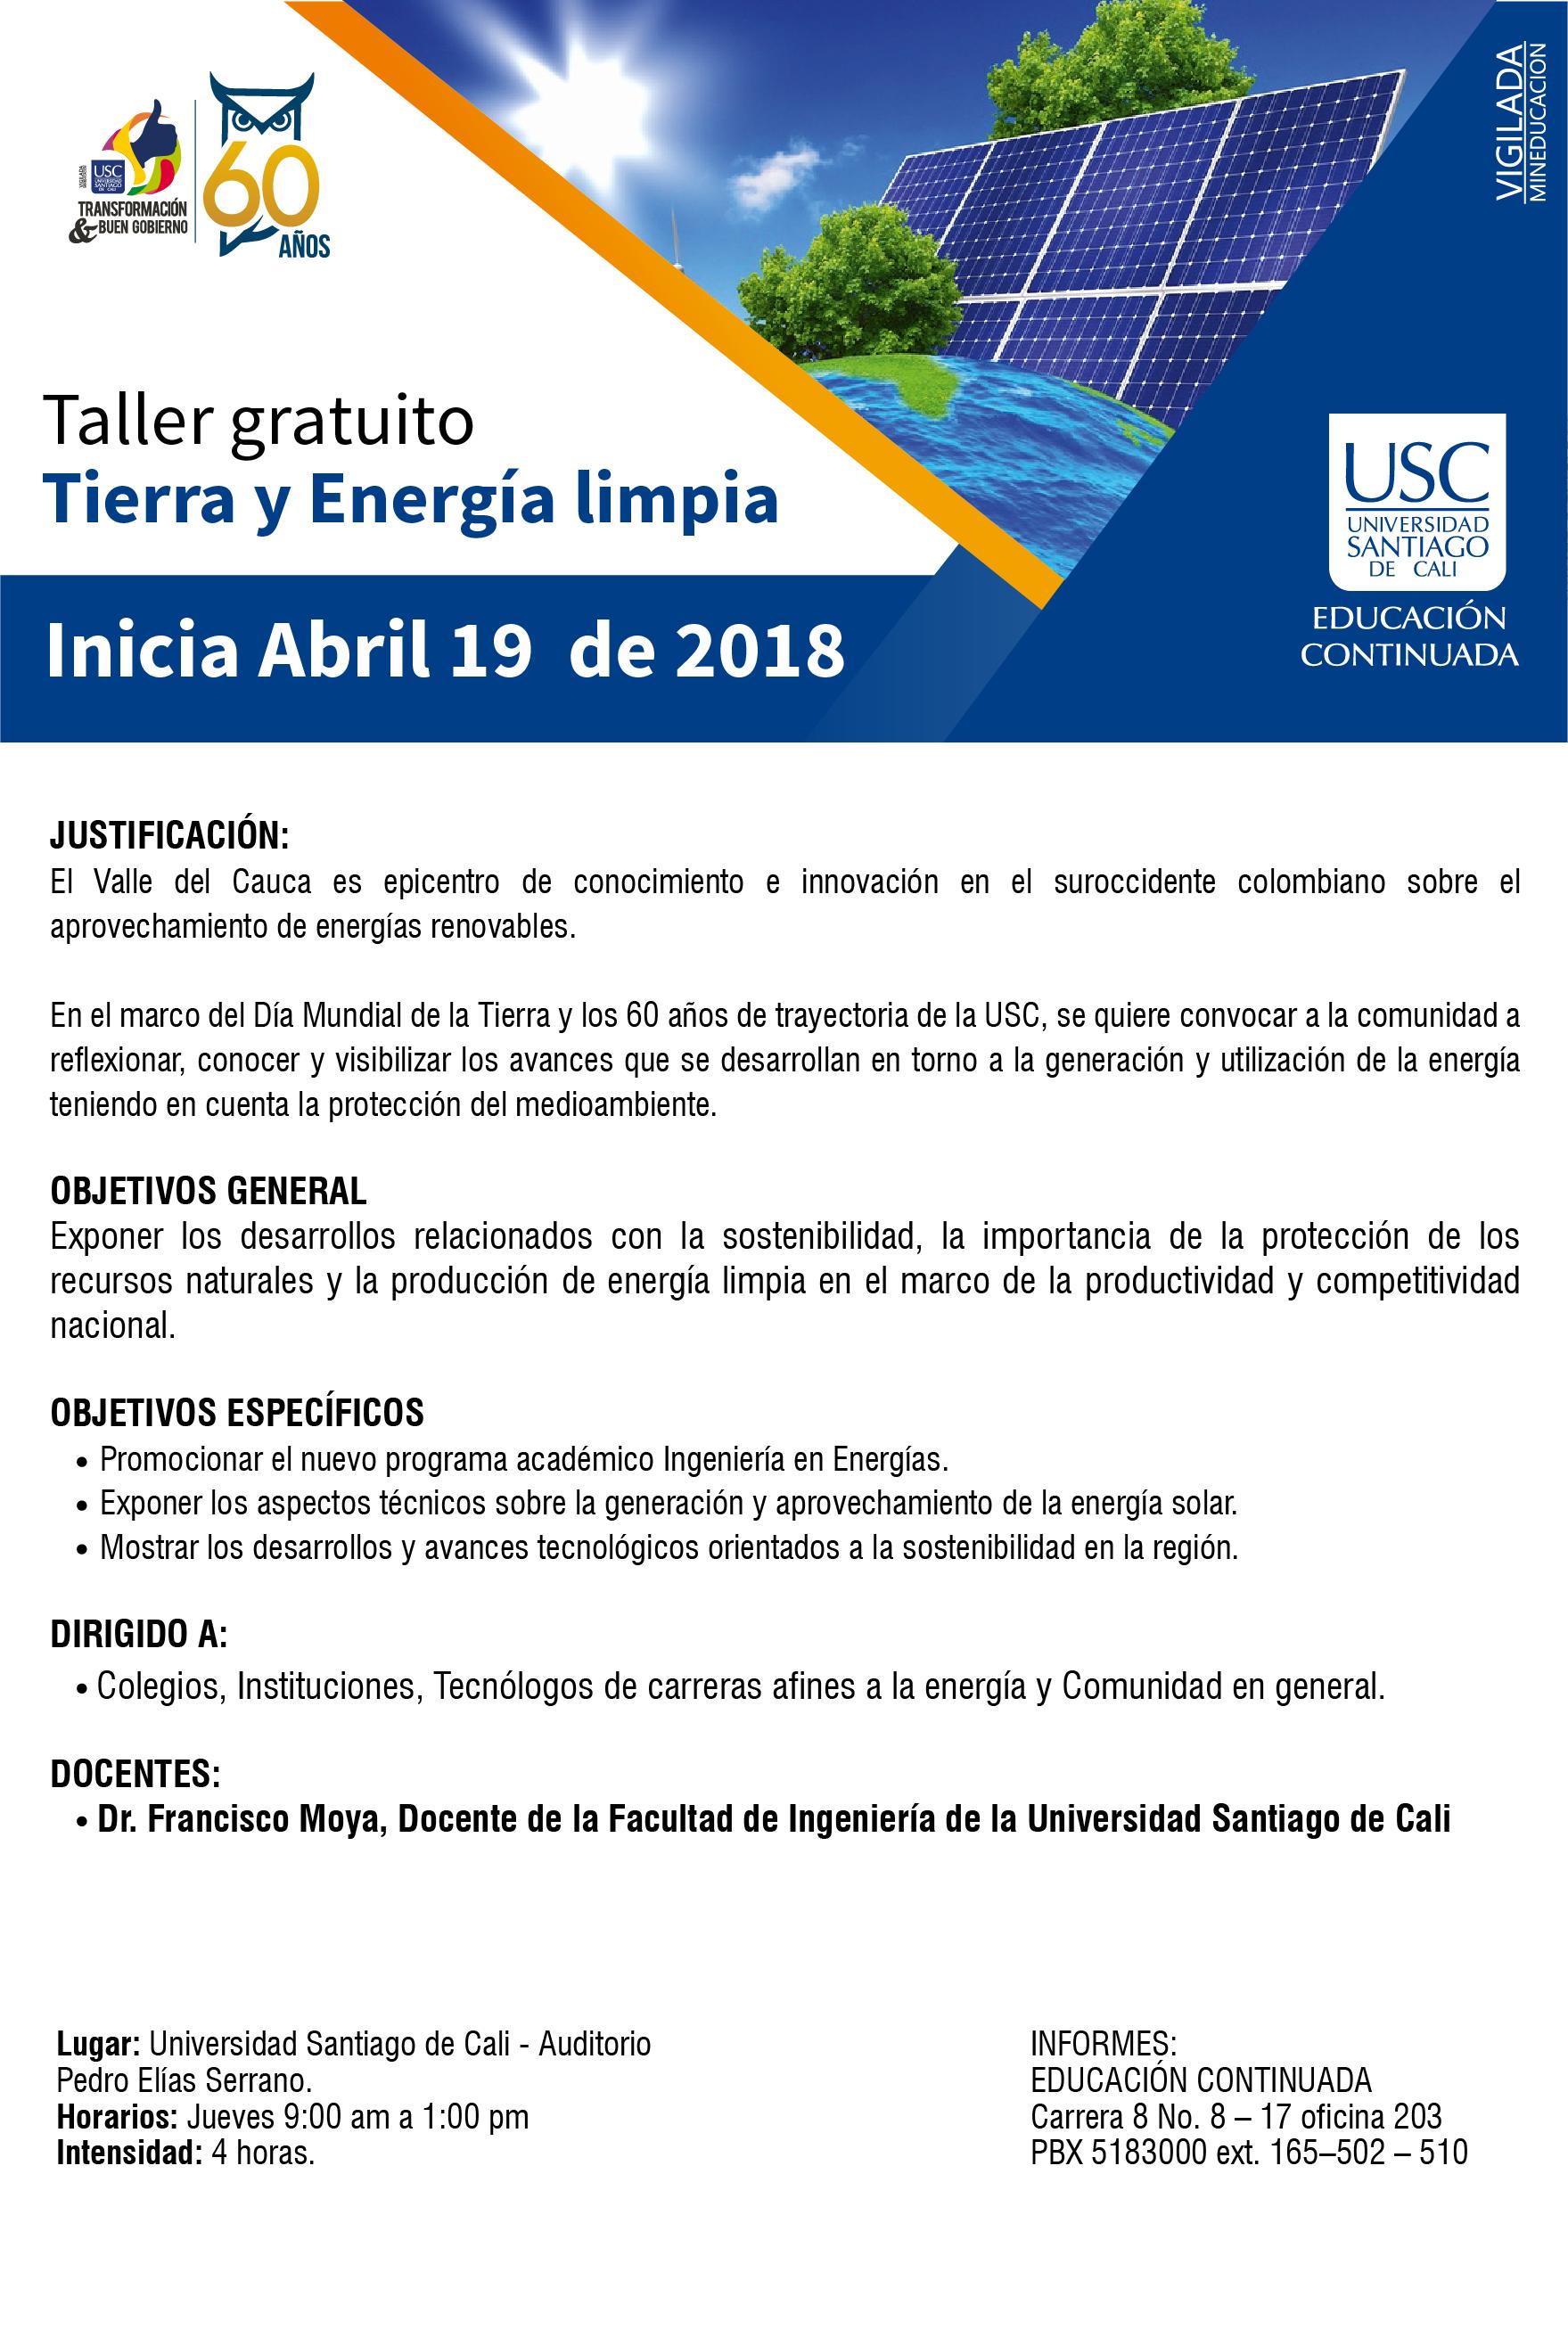 FICHA TECNICA EVENTO TIERRA Y ENERGIA LIMPIA  ABRIL 19 2018 FAC INGENIERIA